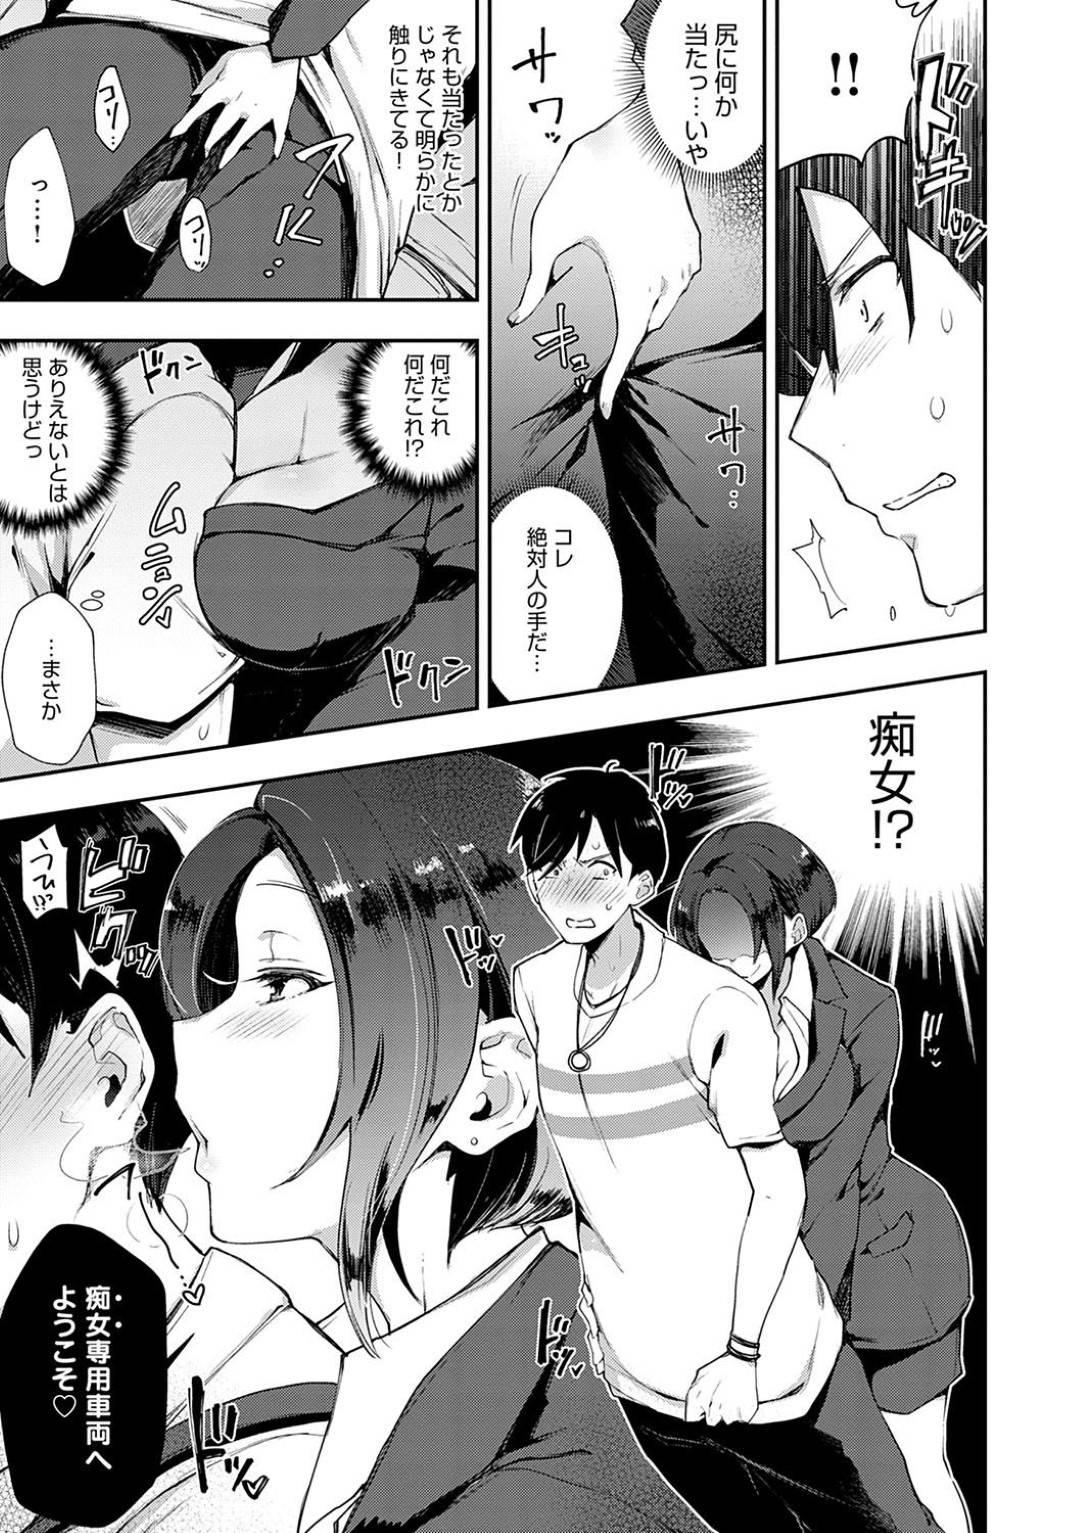 【エロ漫画】女性専用車に間違って乗った男を乗り合わせた痴女全員で逆レイプし生ハメ乱交セックス